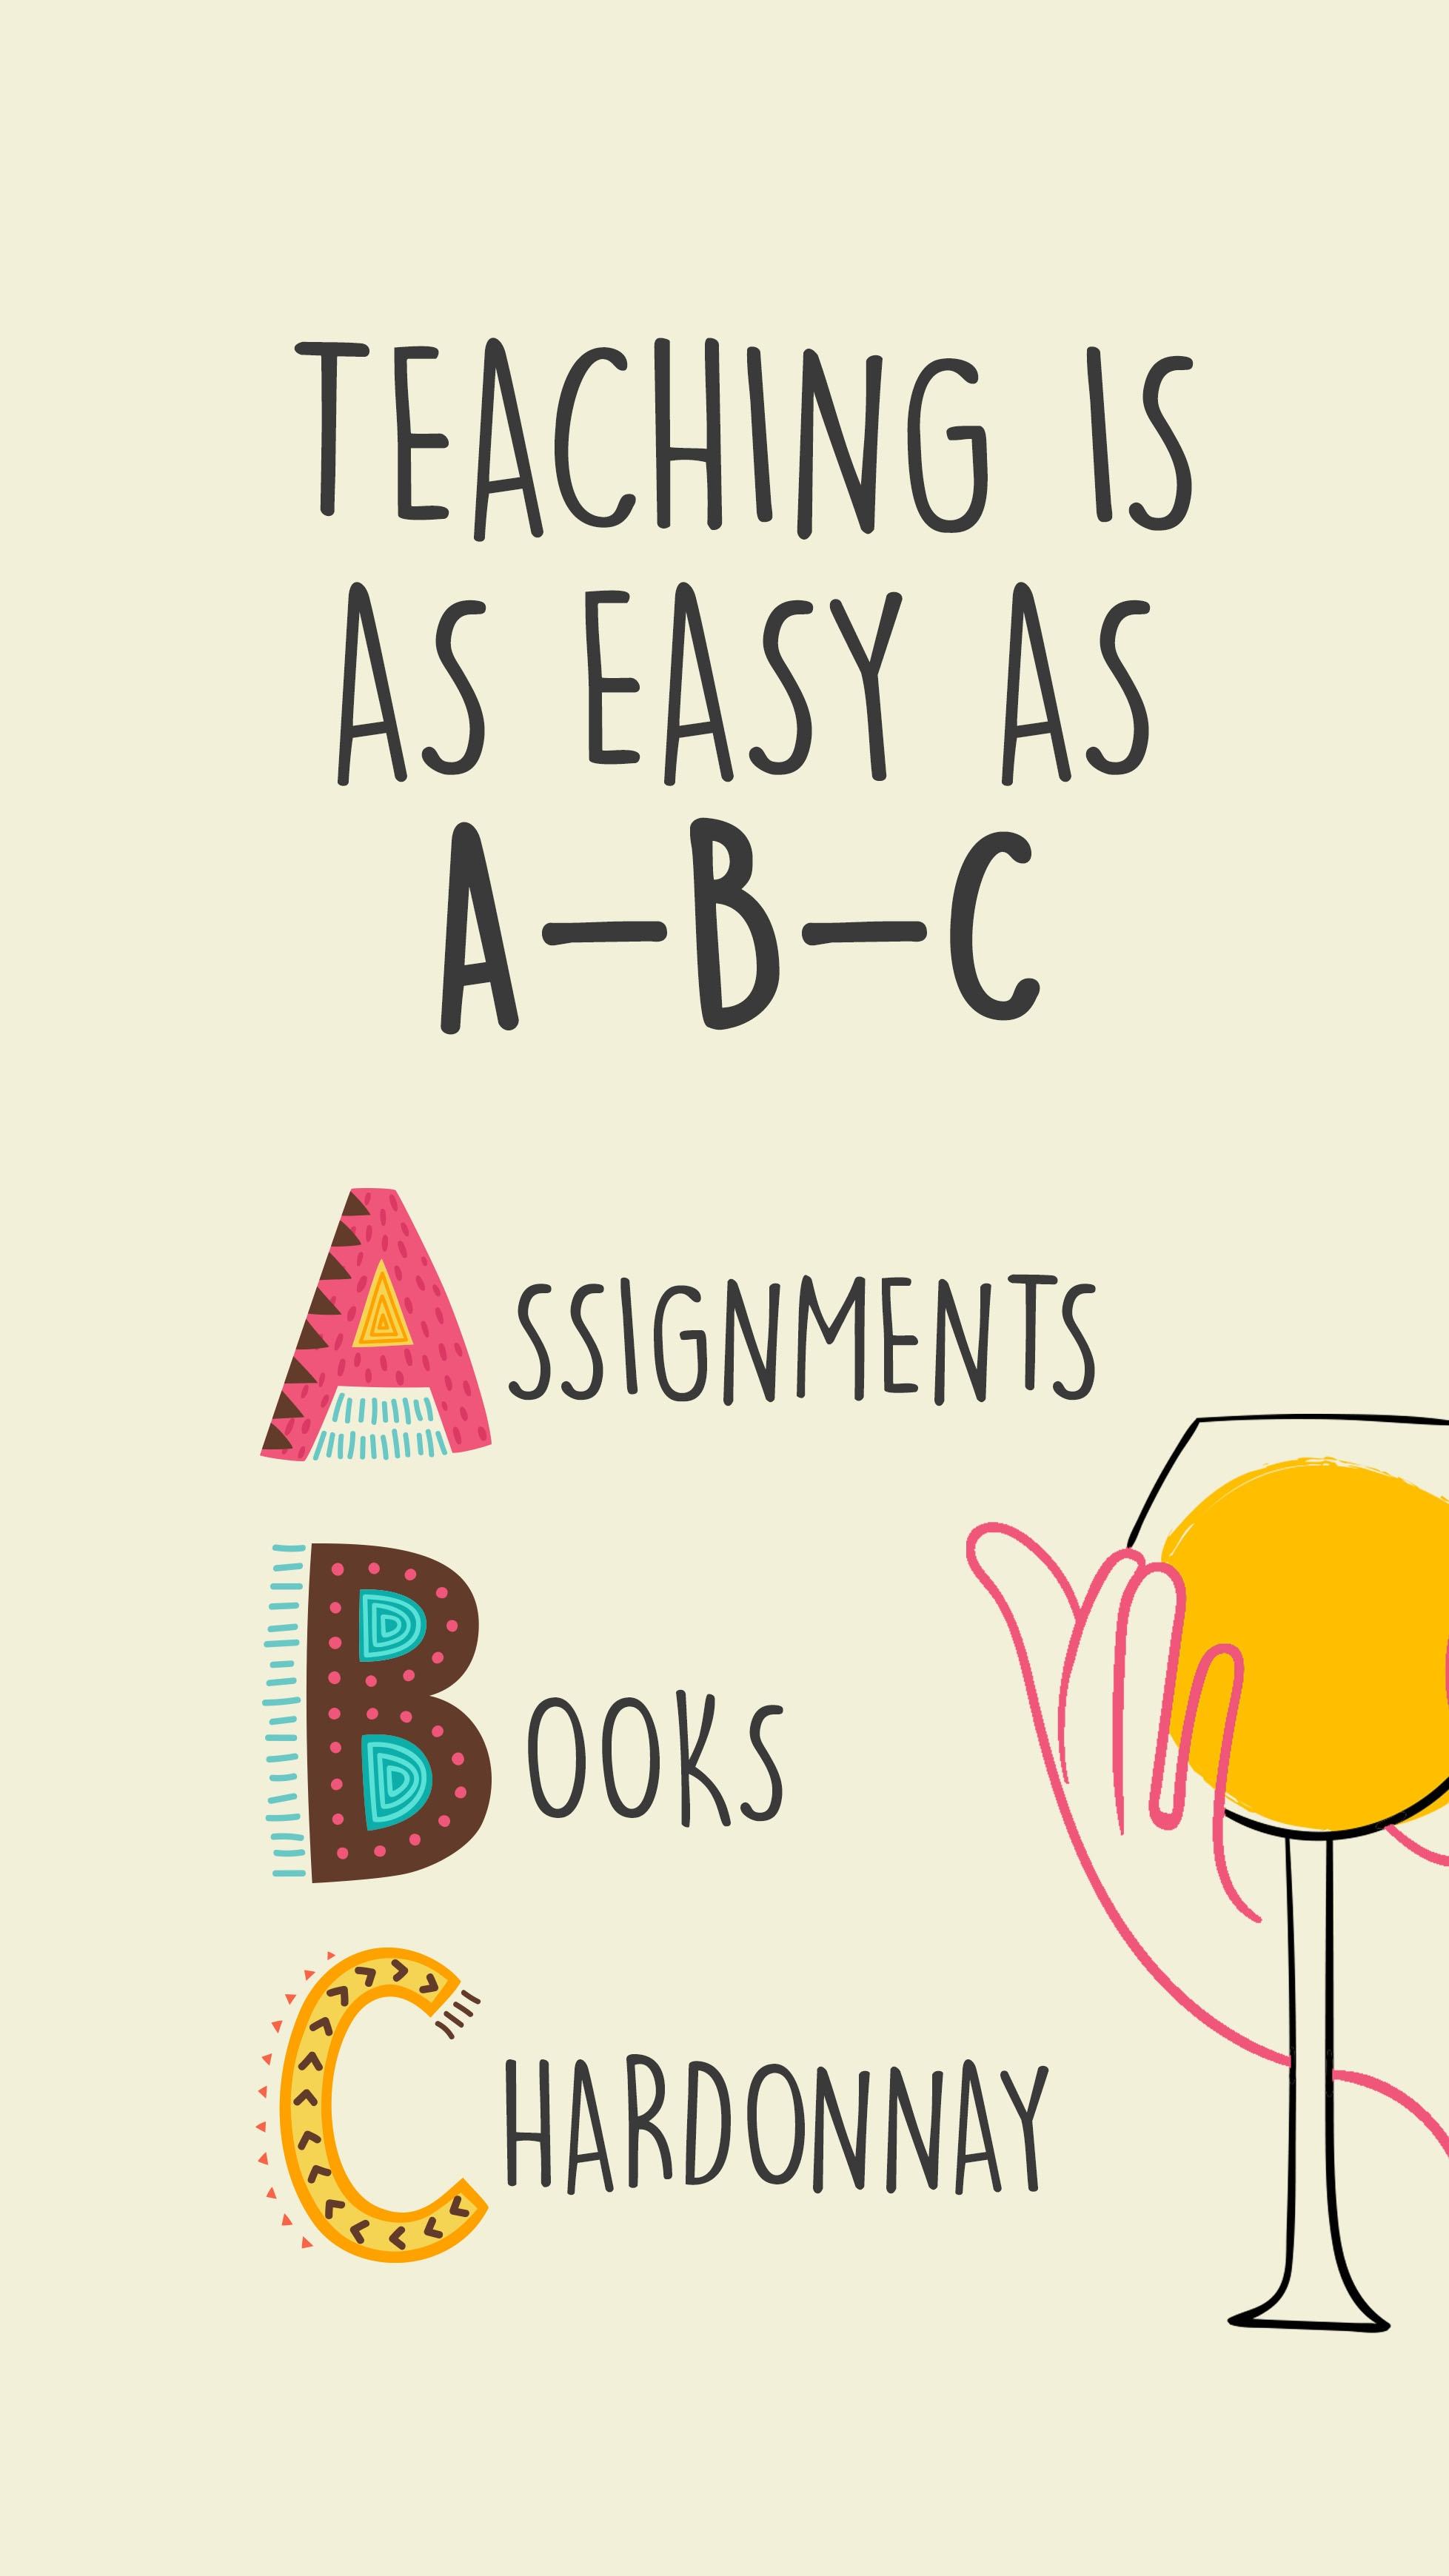 As Easy as ABC